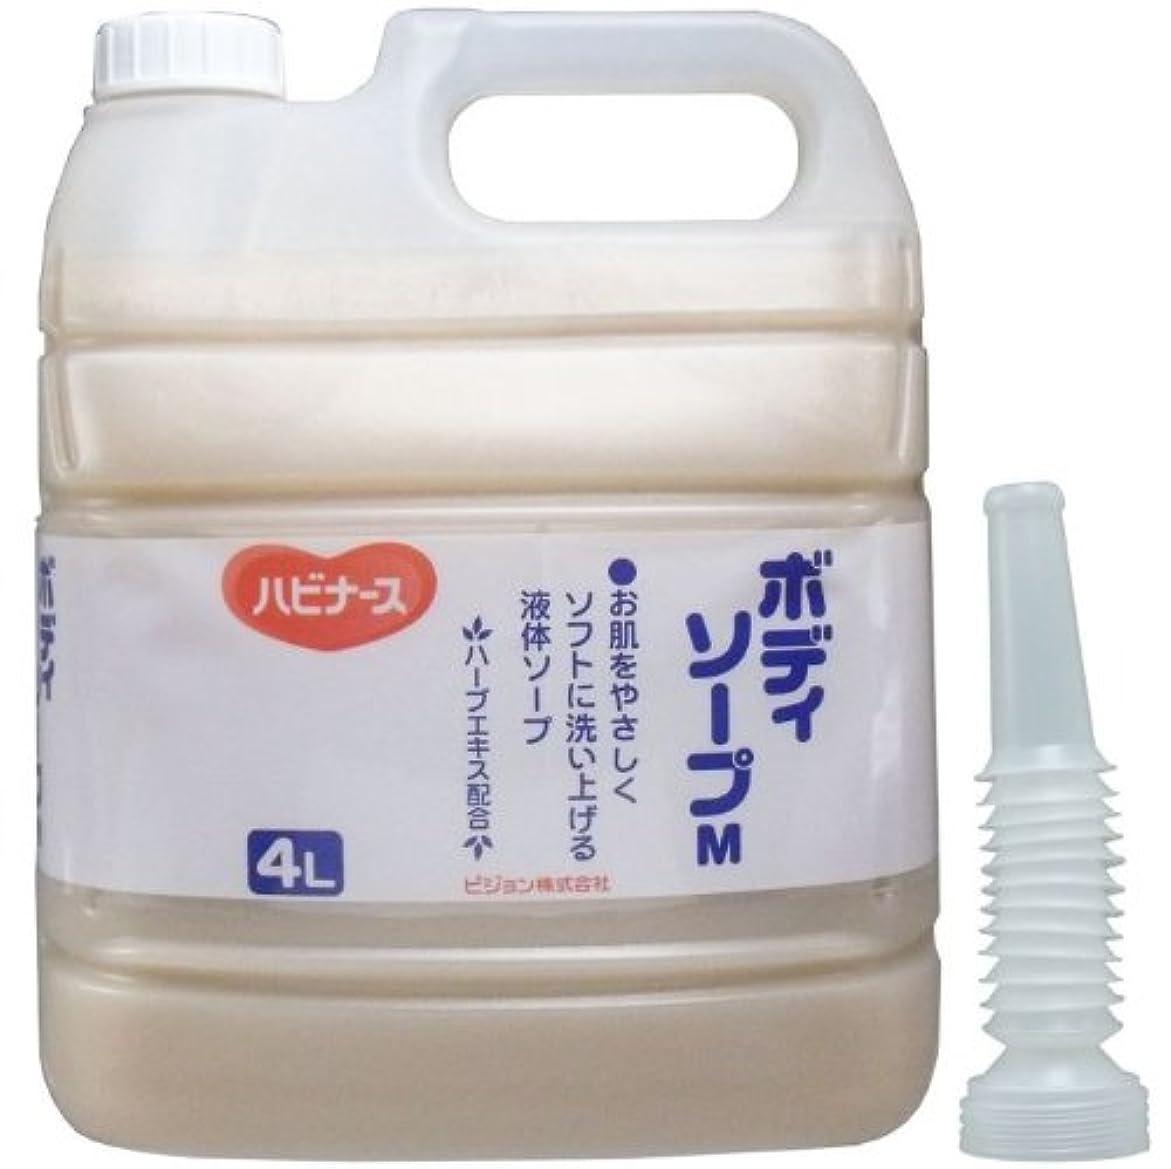 居住者師匠操作液体ソープ ボディソープ 風呂 石ケン お肌をやさしくソフトに洗い上げる!業務用 4L【4個セット】